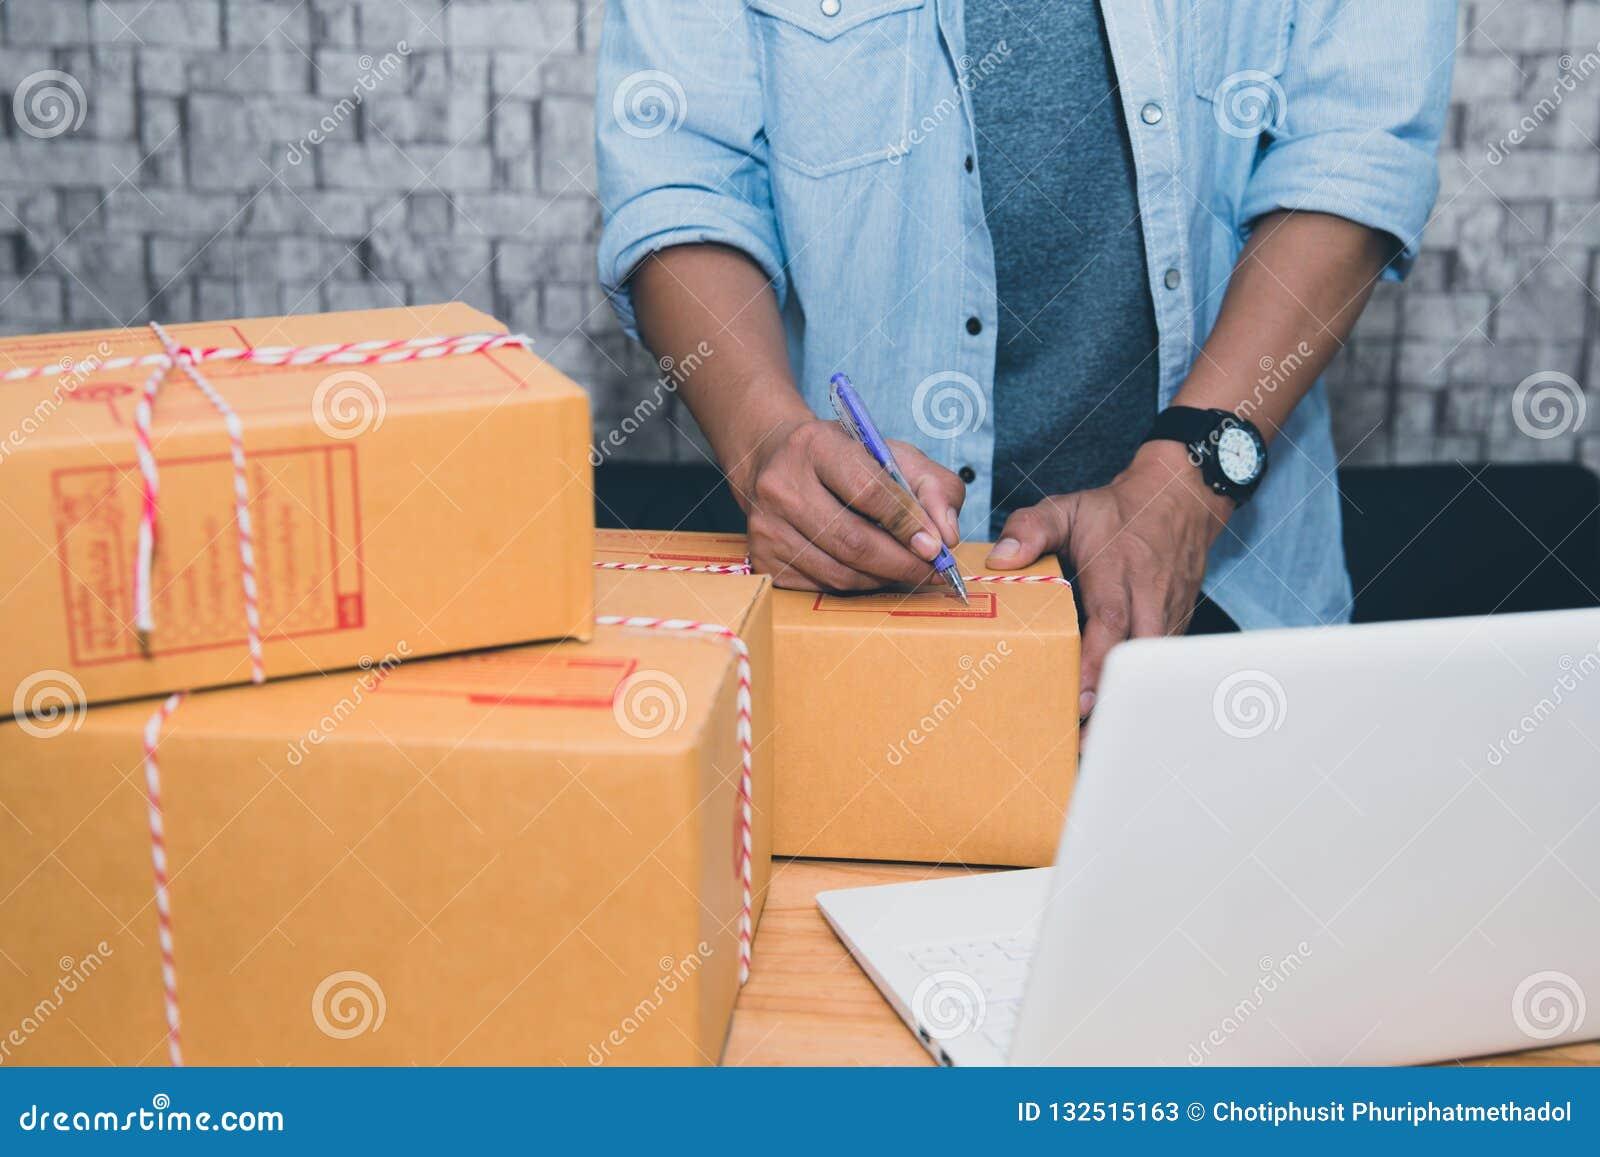 Commencez PME d entrepreneur de petite entreprise ou homme asiatique indépendant travaillant avec le concept de boîte à la maison